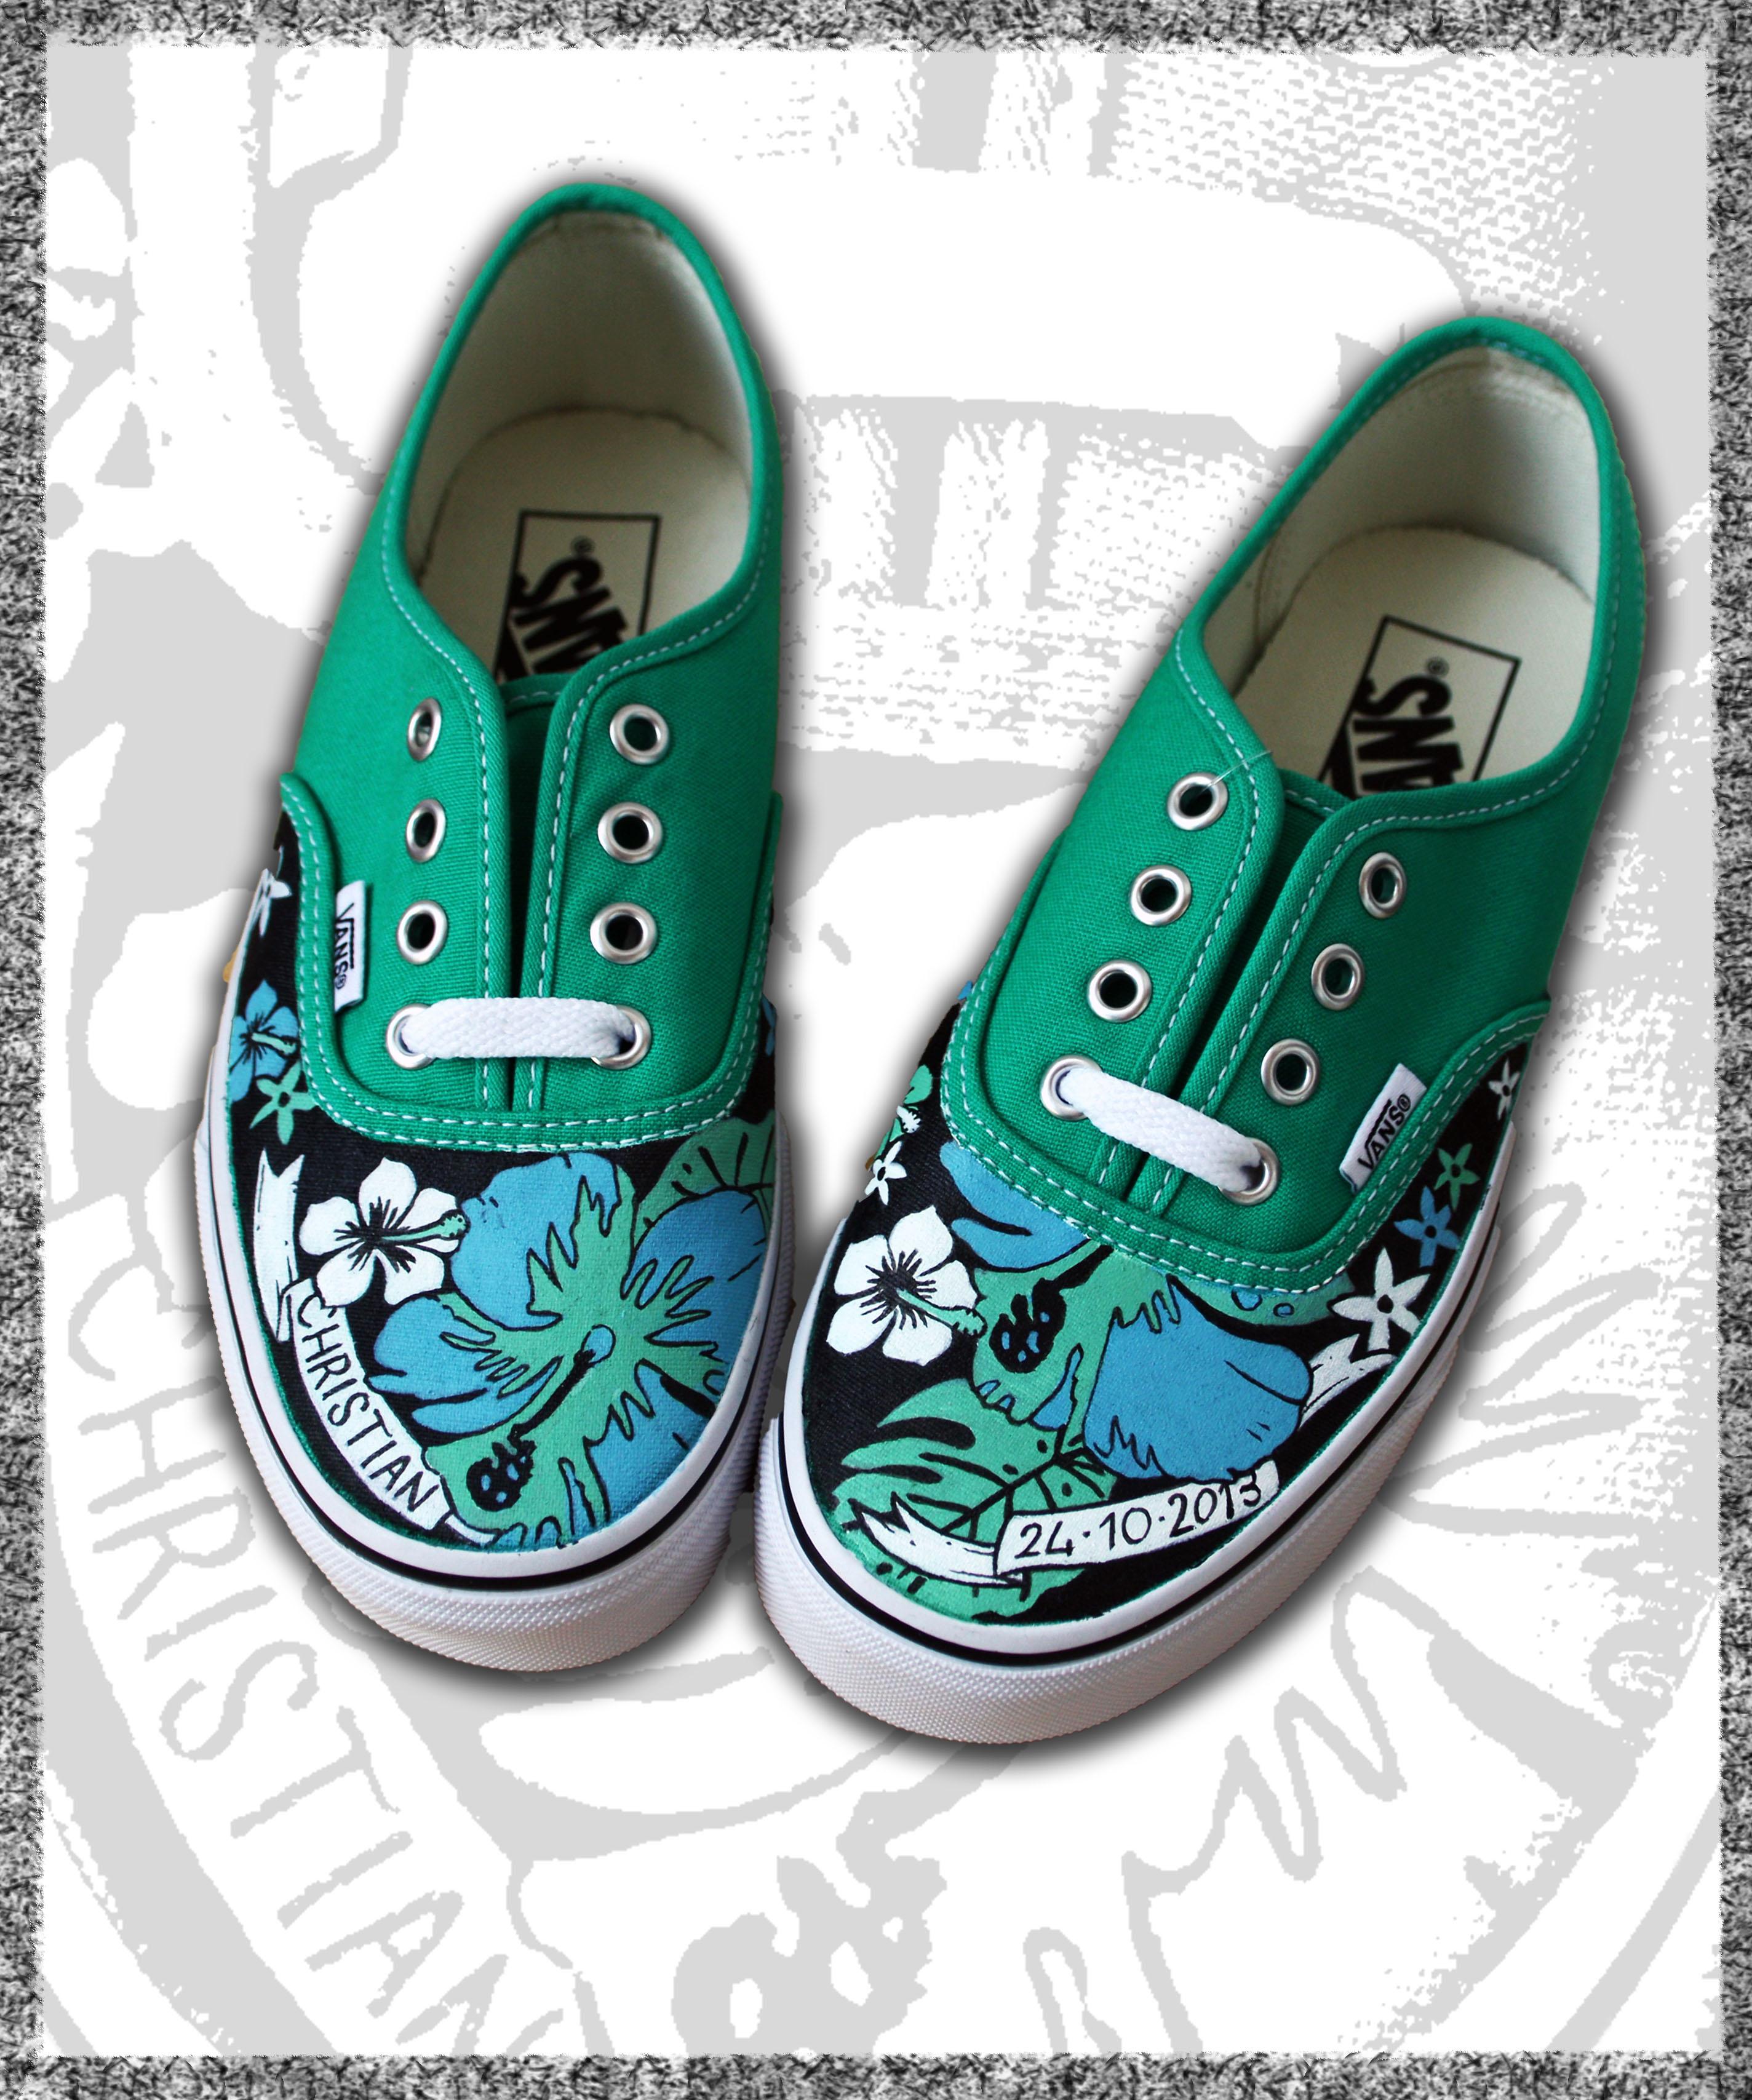 scarpe in tela verde dipinte a fiori